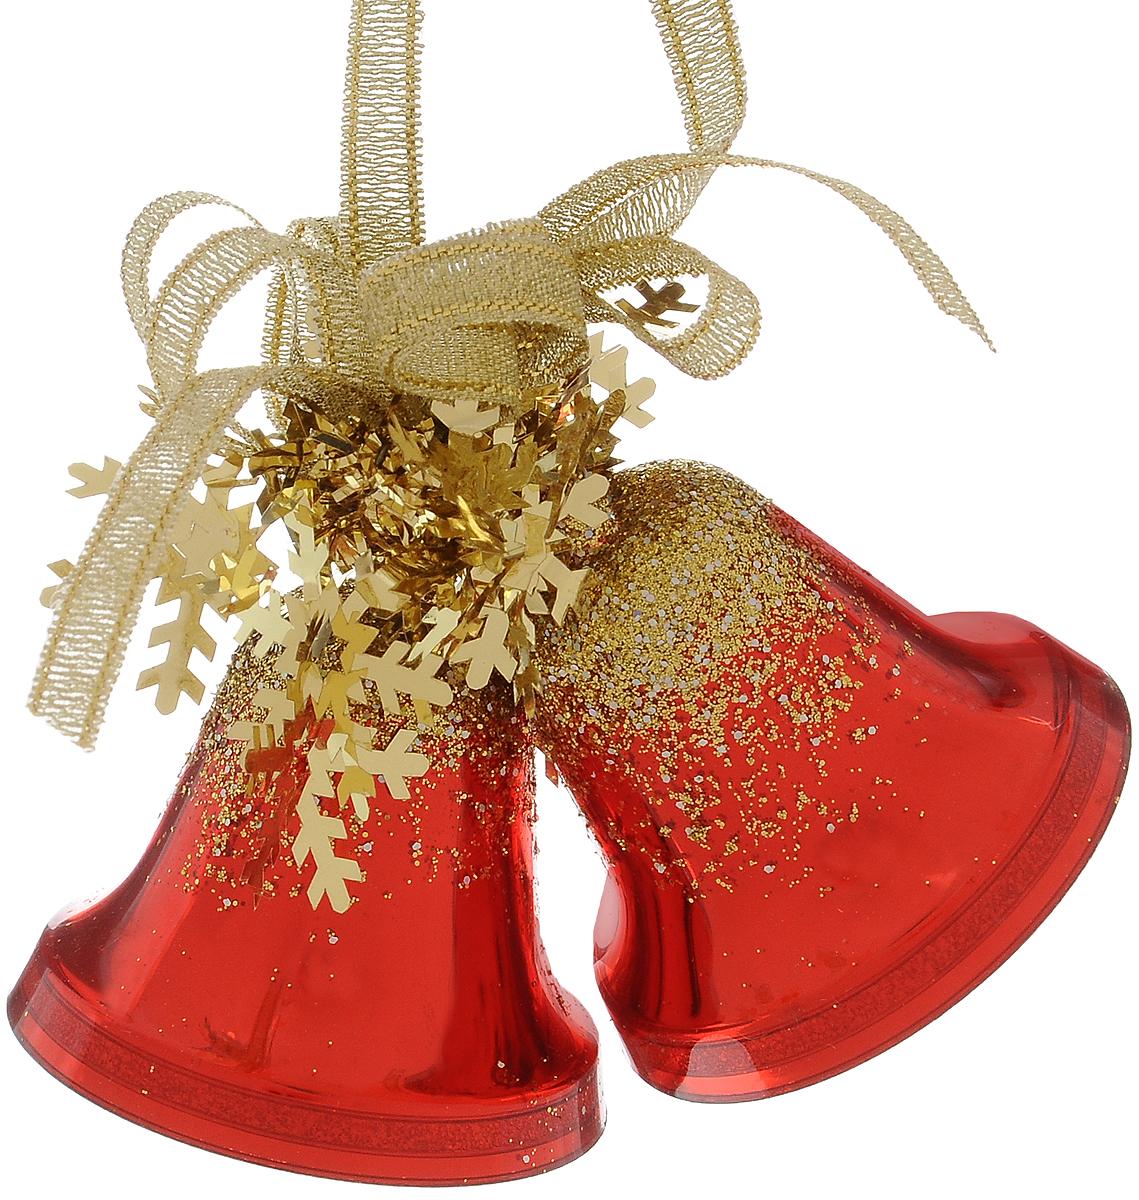 Украшение новогоднее подвесное Weiste Двойные колокольчики, цвет: красный, золотой, высота 6 см5575Новогоднее подвесное украшение Weiste Двойные колокольчикивыполнено из пластика и ПВХ. Изделие оформлено блестками. С помощью специальной петелькиукрашение можно повесить в любом понравившемся вам месте. Но, конечно, удачнее всего онобудет смотреться на праздничной елке. Елочная игрушка - символ Нового года. Она несет в себе волшебство и красоту праздника.Создайте в своем доме атмосферу веселья и радости, украшая новогоднюю елку наряднымиигрушками, которые будут из года в год накапливать теплоту воспоминаний. Размер колокольчика: 5 х 5 х 5 см. Общий размер украшения: 5 х 6 х 10 см.